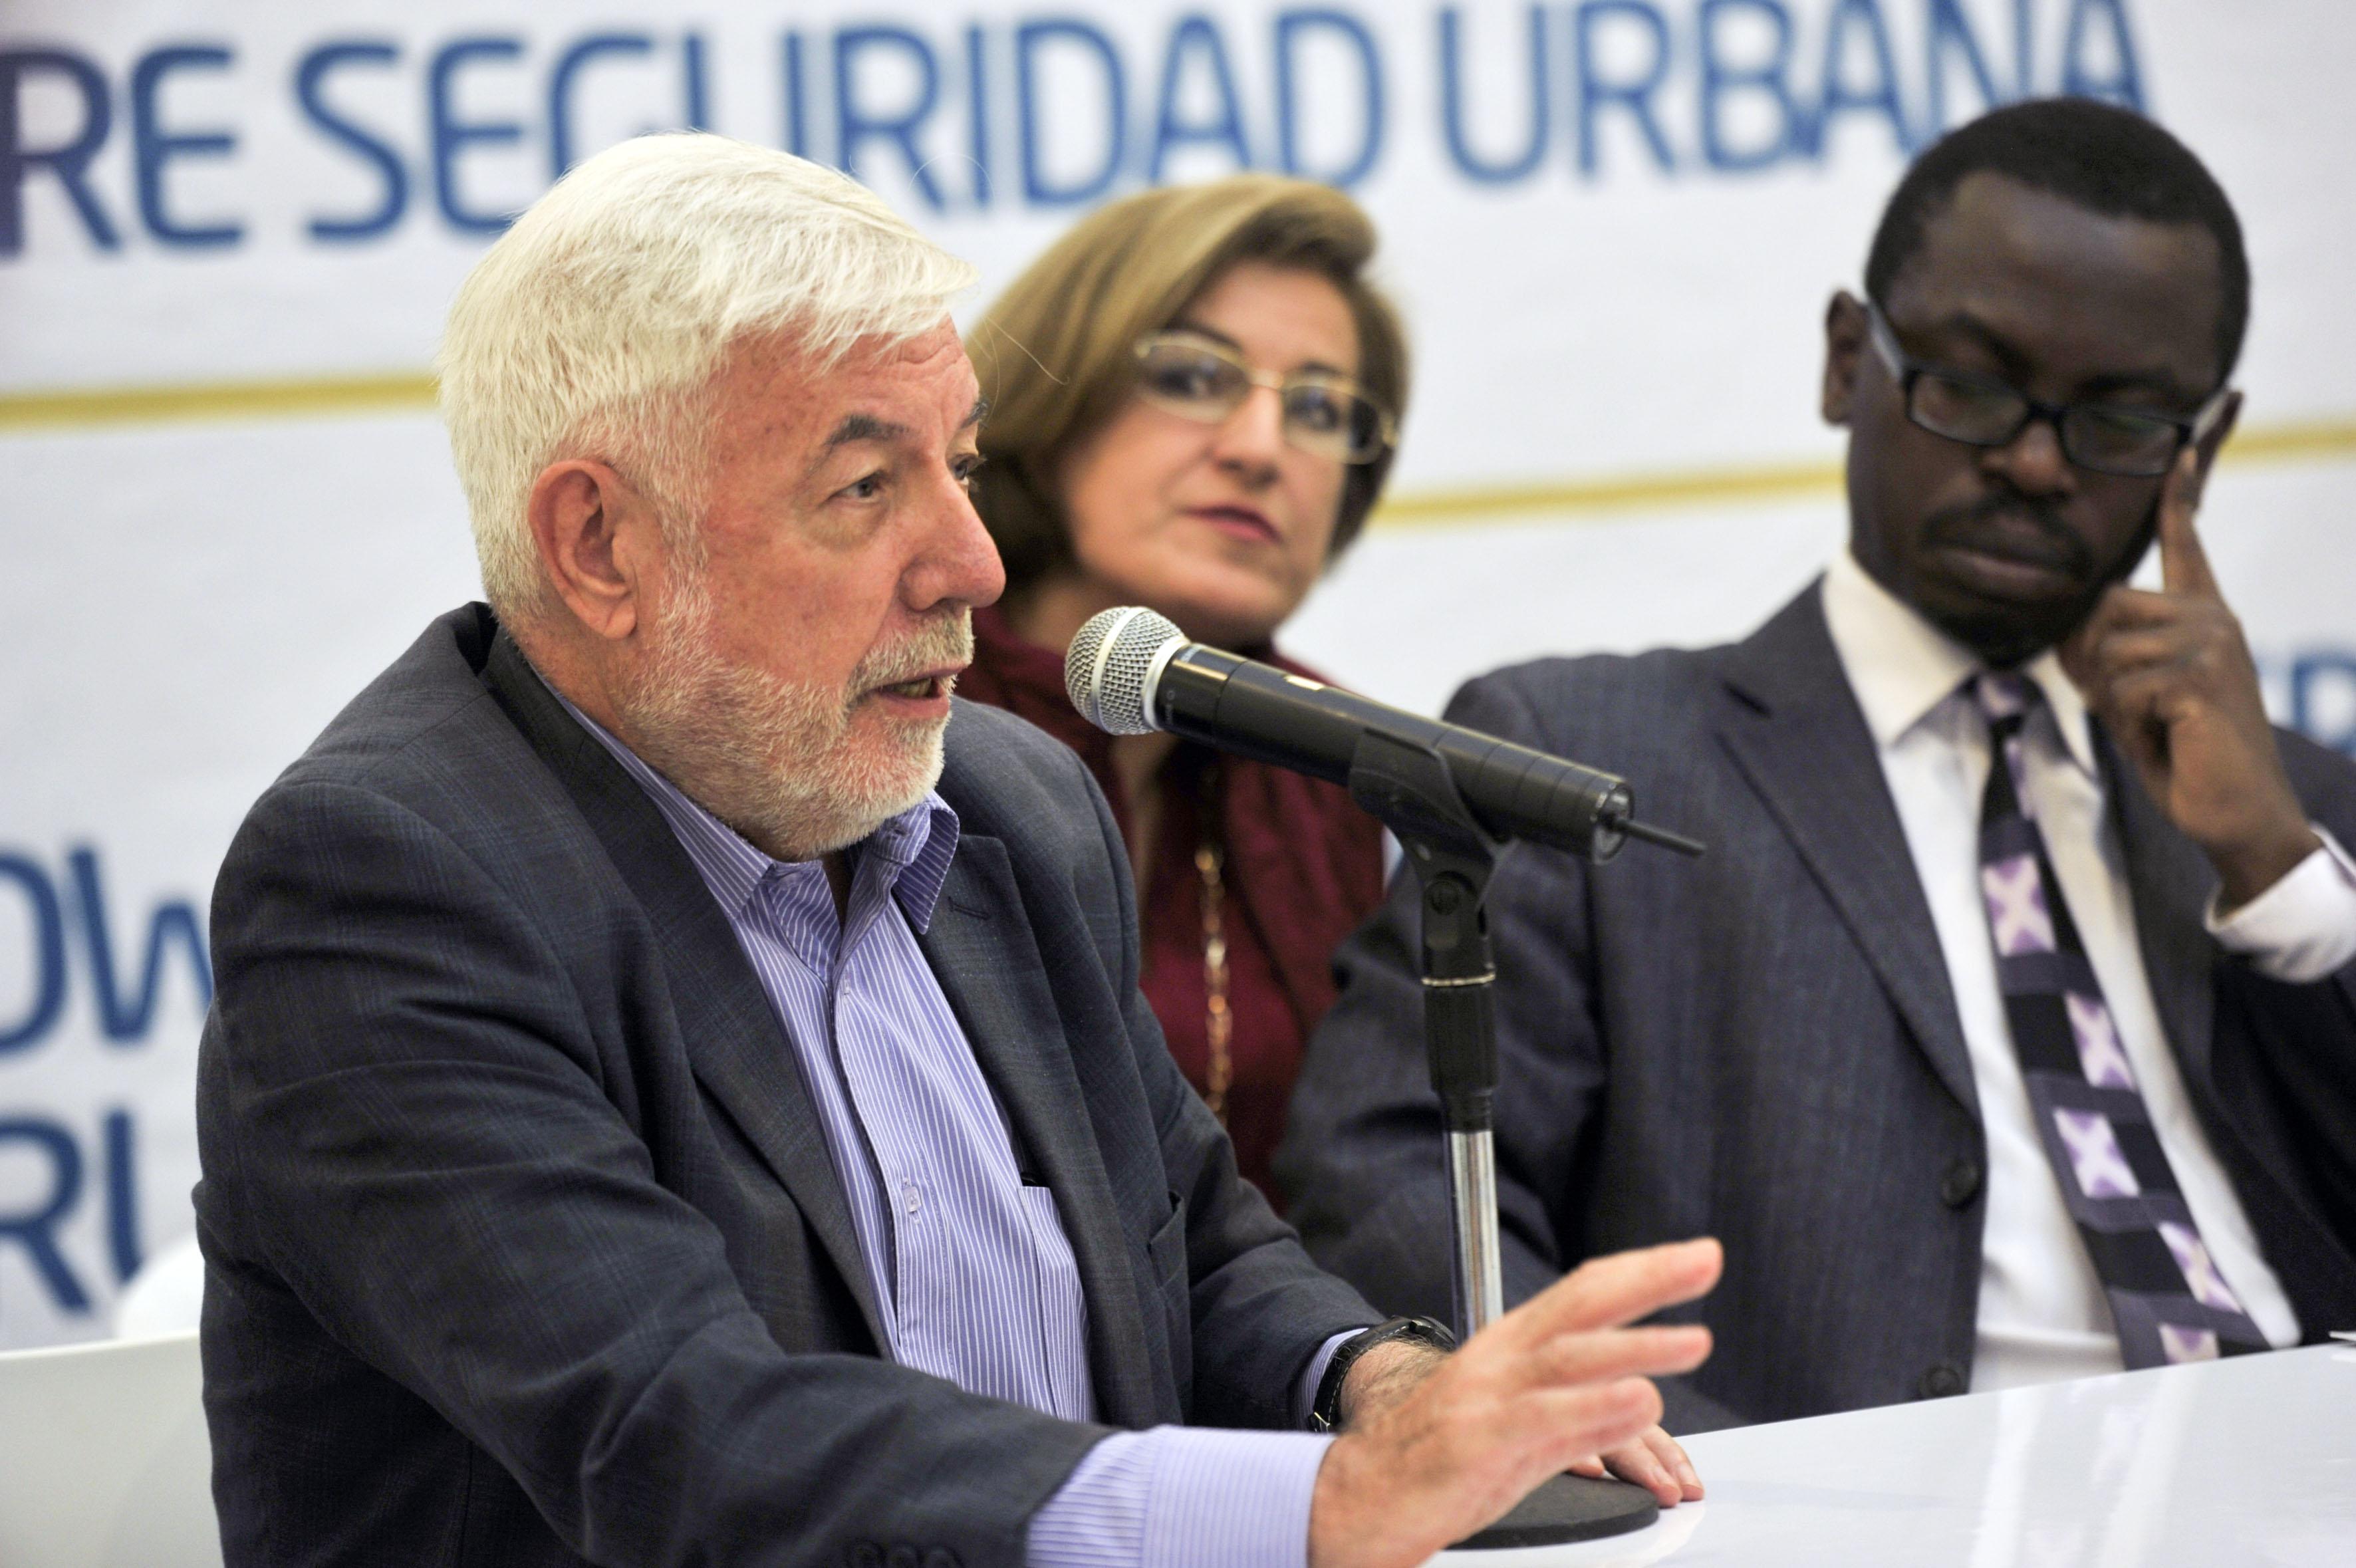 Ponente haciendo uso de la palabra durante el encuentro de seguridad urbana